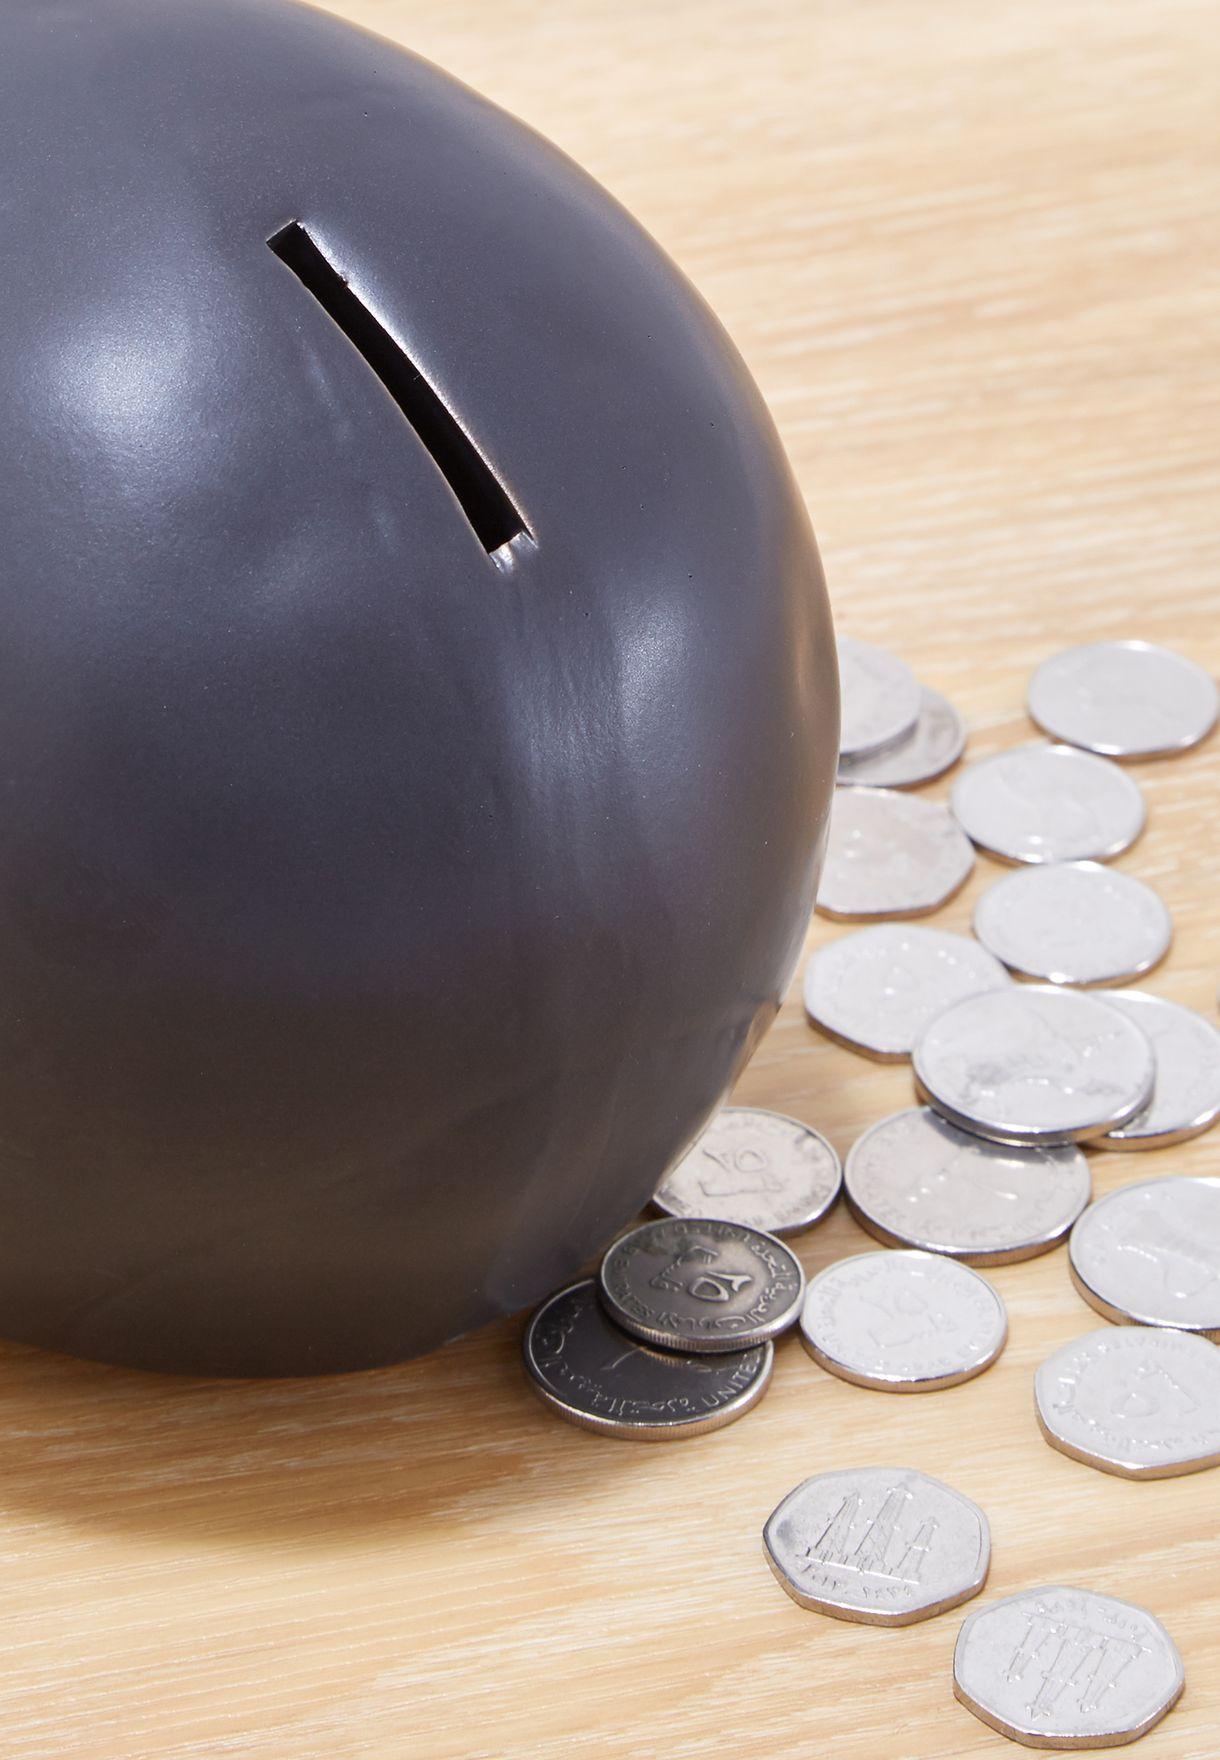 حصالة نقود معدنية بشكل جمجمة